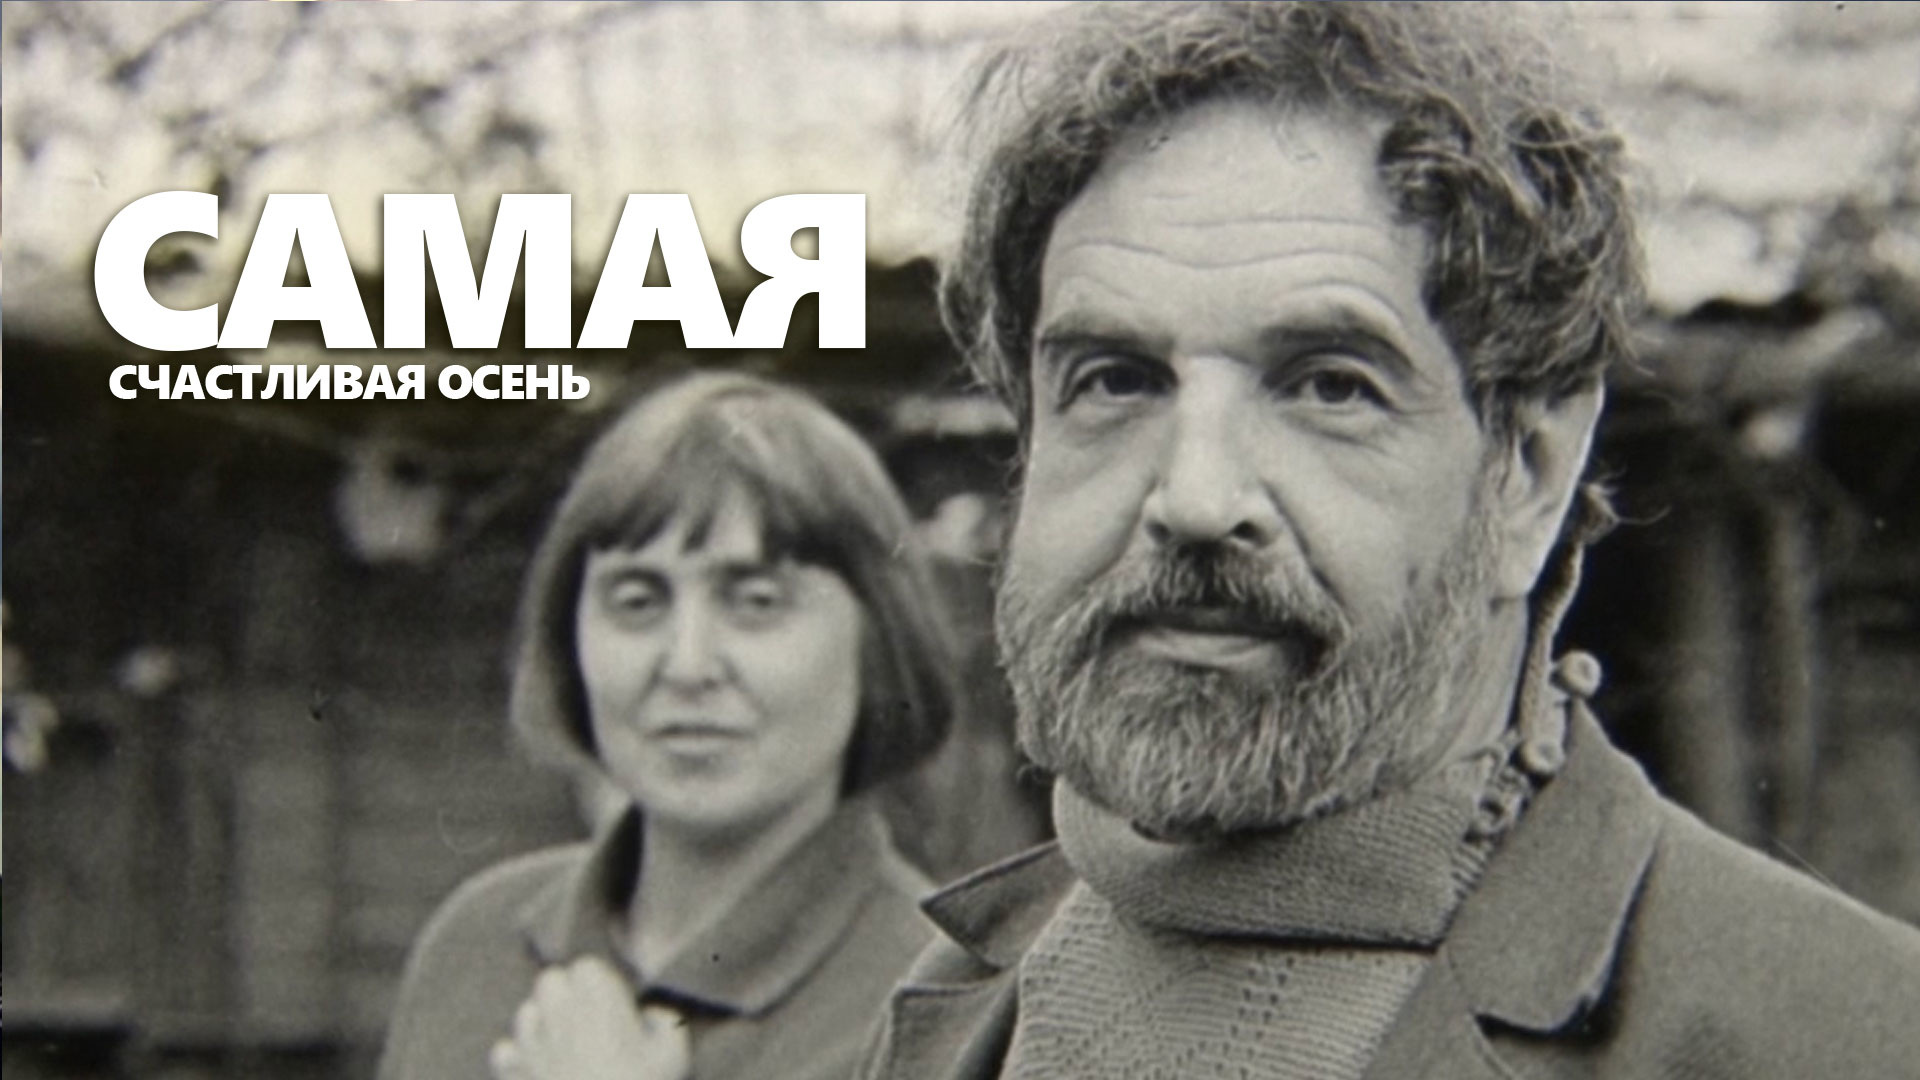 Самая счастливая осень. Вадим и Юлия Сидур